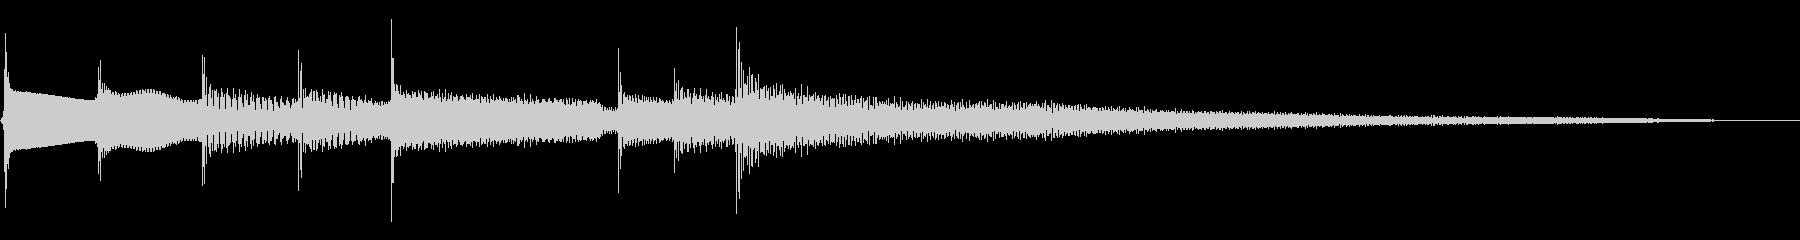 ポーンという響きの幻想的なジングルの未再生の波形